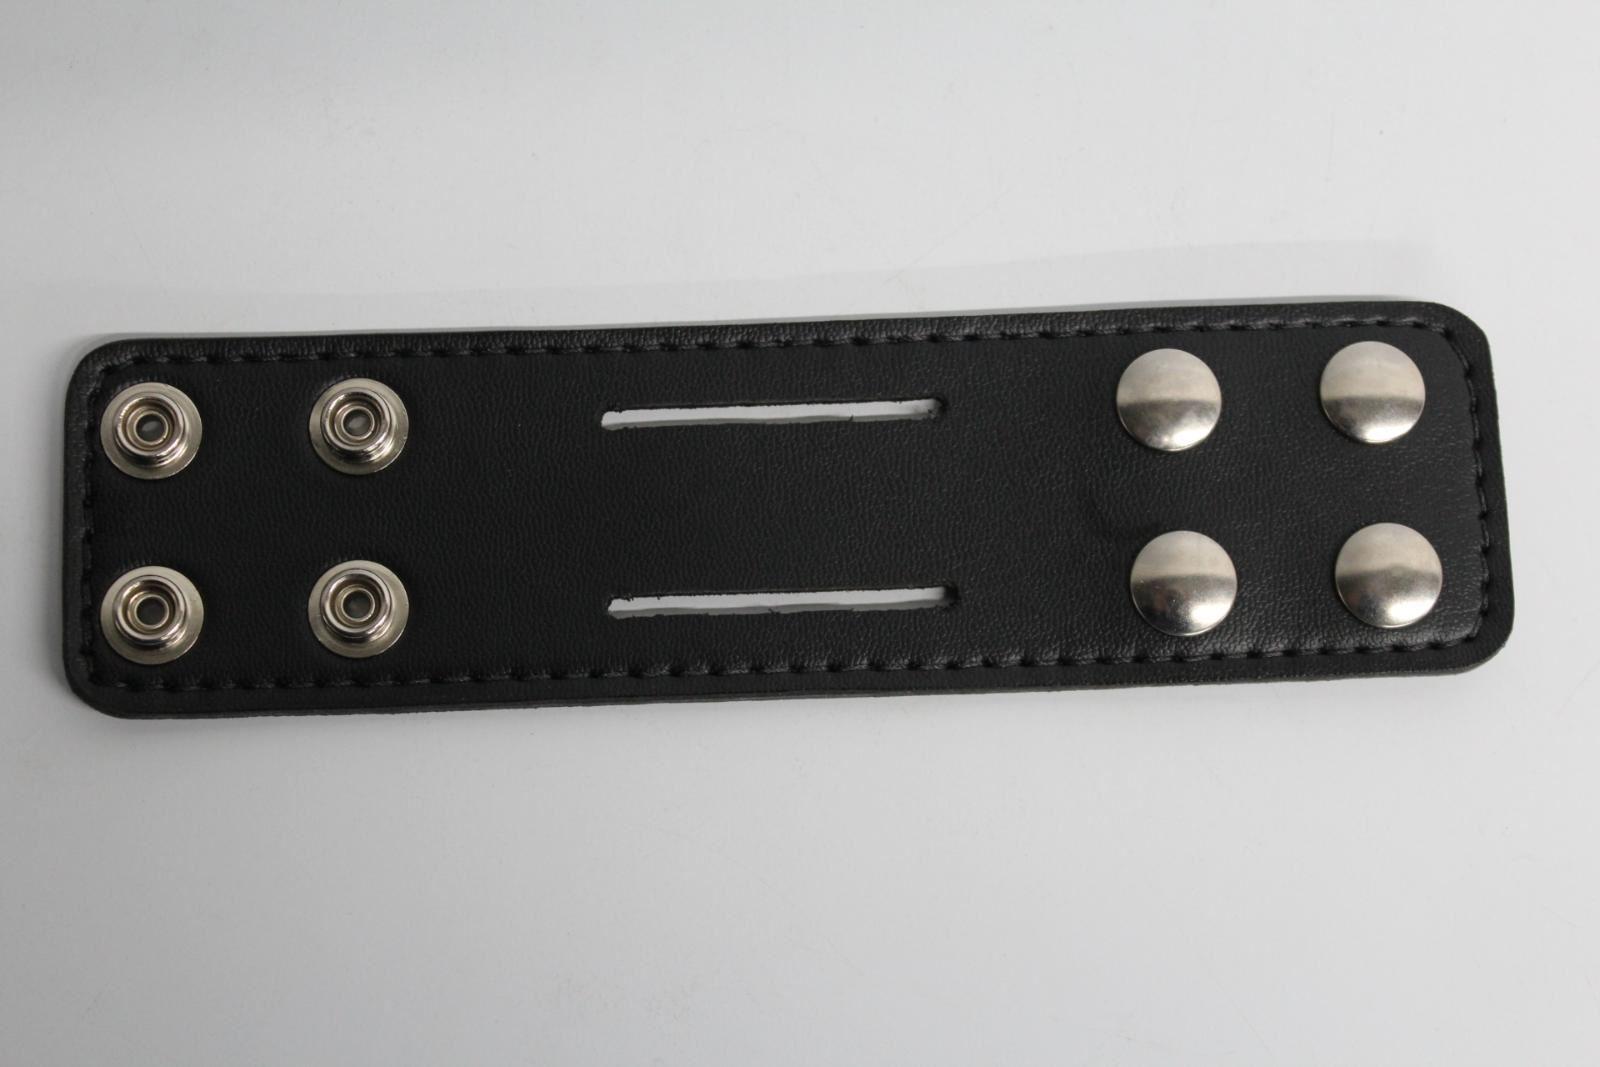 Diplomatique Nouveau Safariland 654-2b Duty Ceinture Gardien Plain Finition Avec Laiton 4 Snaps Black-afficher Le Titre D'origine